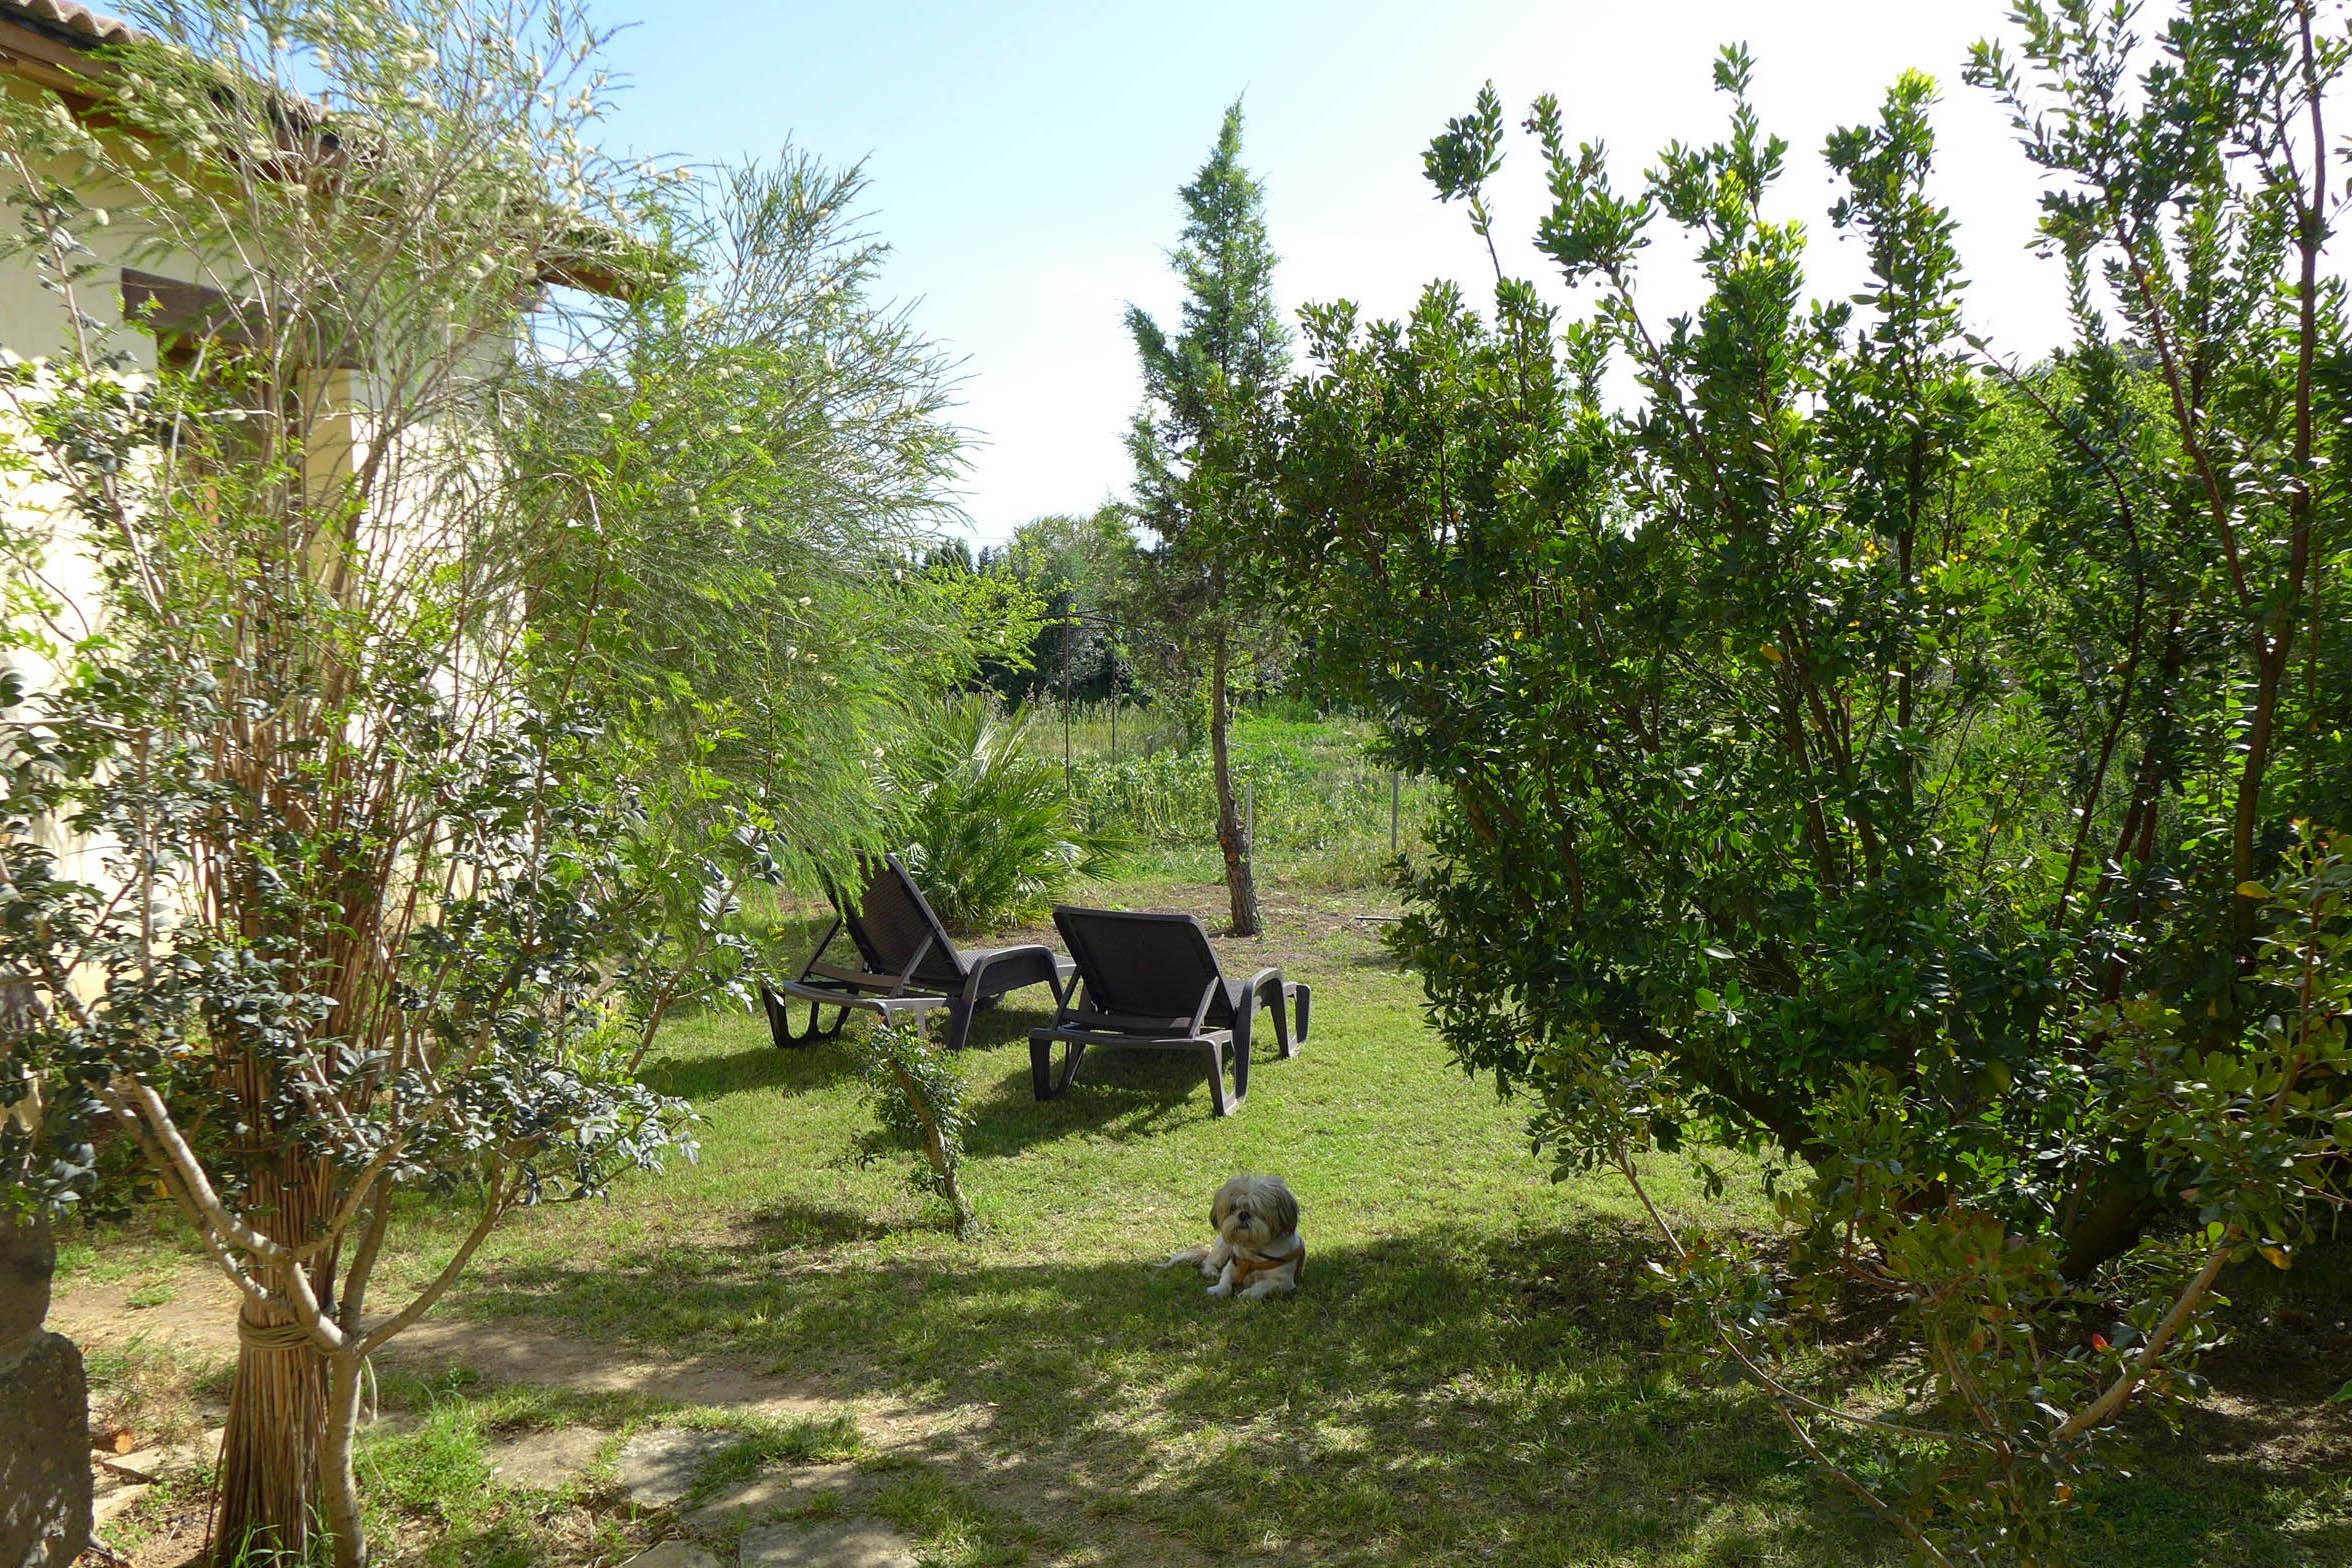 giardino_4_hds